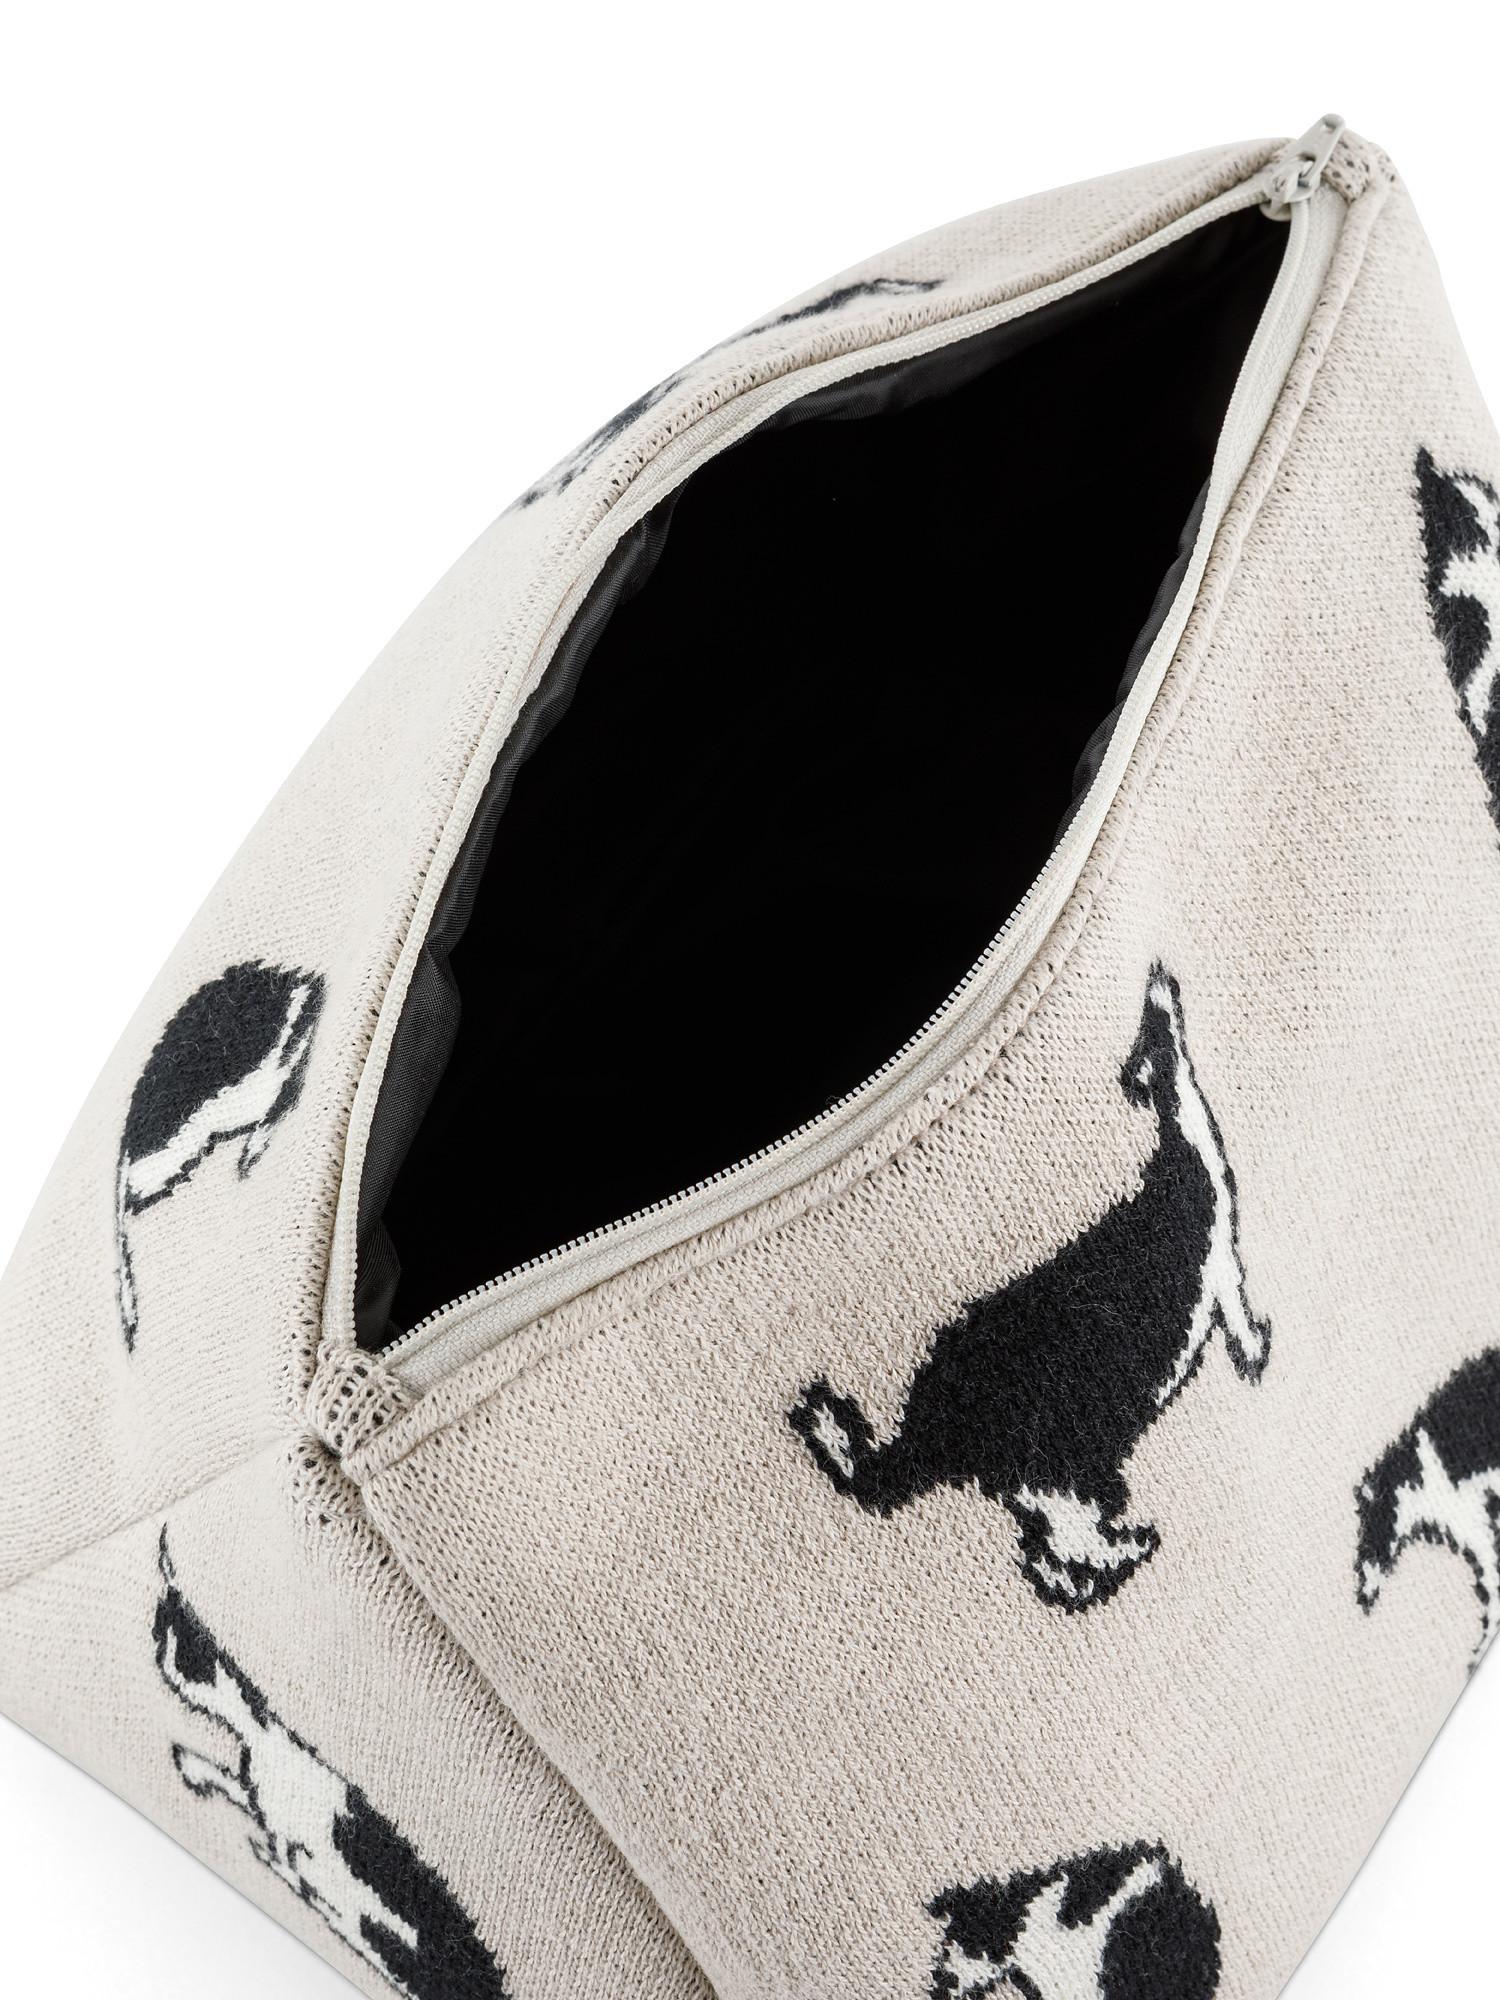 Astuccio cotone motivo gatti, Beige chiaro, large image number 1